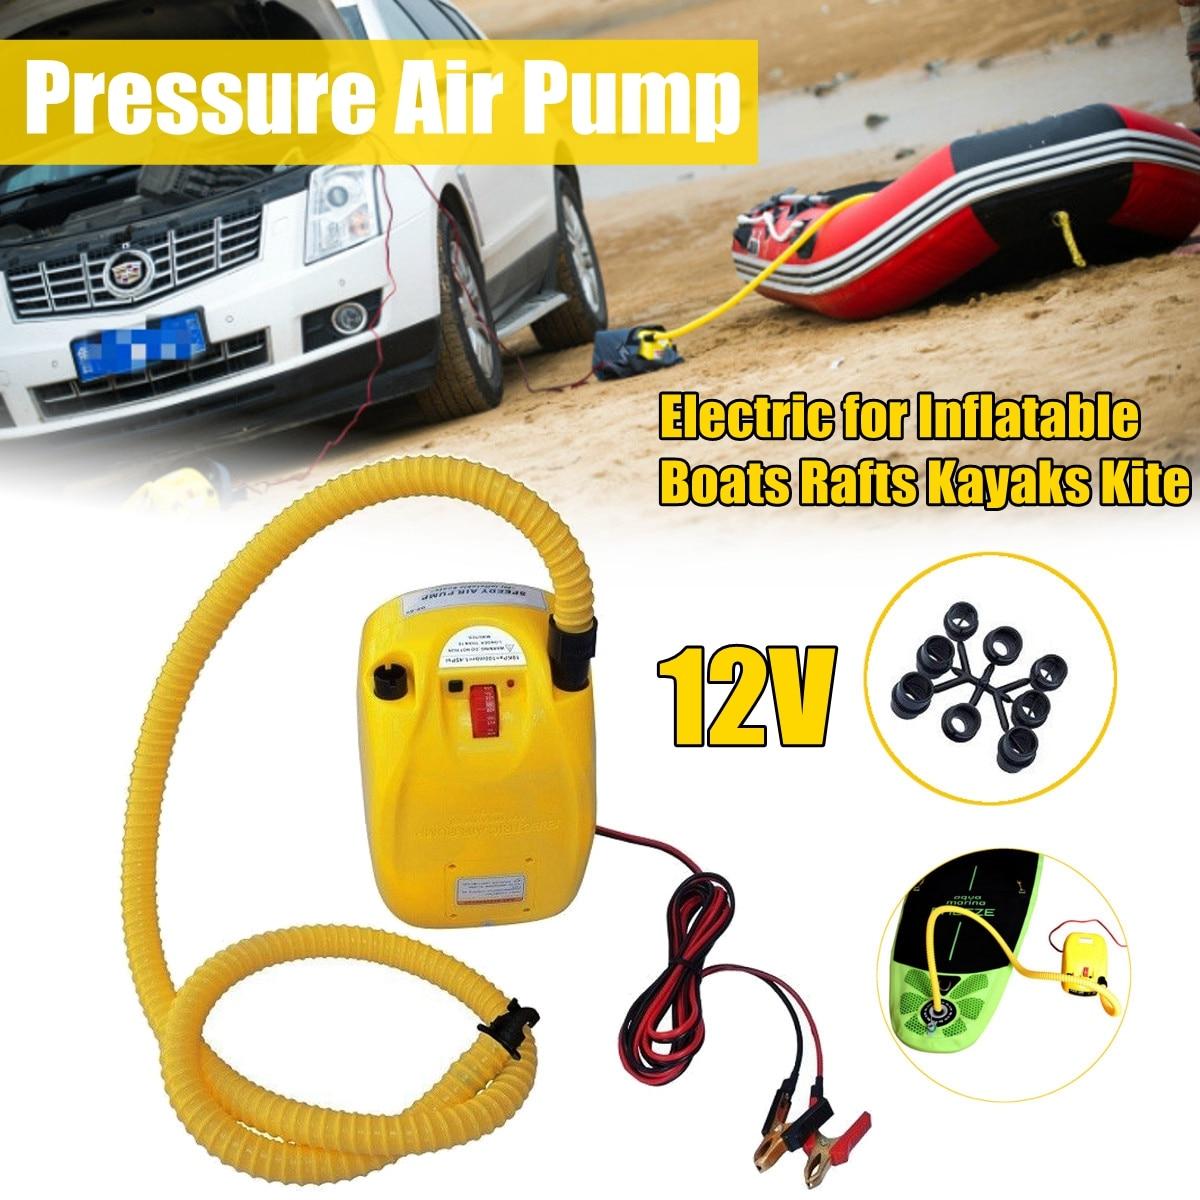 Haute pression DC 12 v électrique pompe à air gonflable pour canot de bateau radeau sup planche de surf stand up paddle